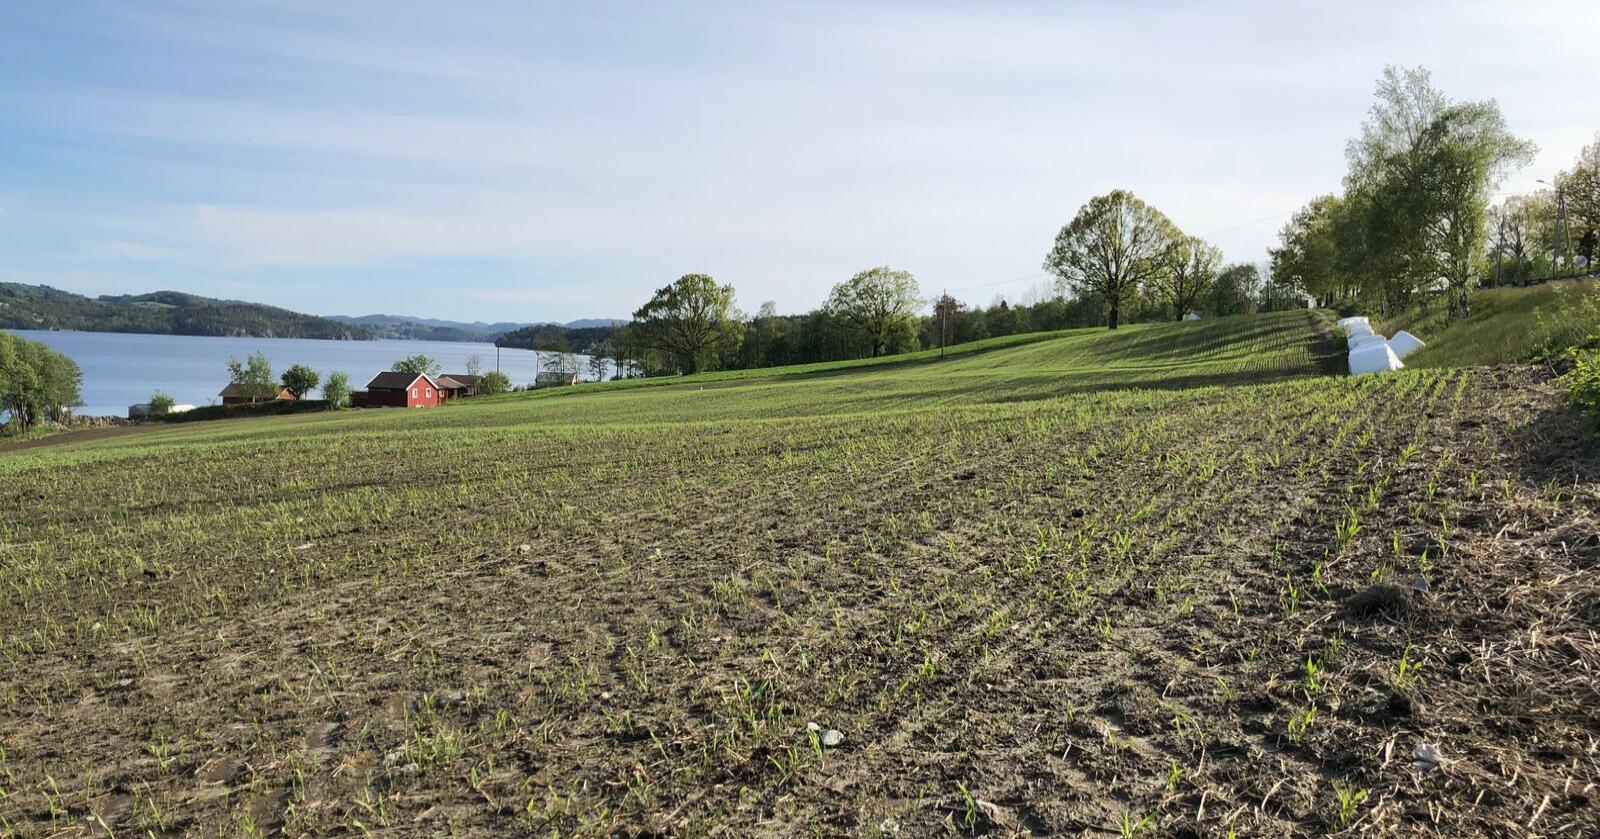 40 000: Spørreskjemaet går ut til 40 000 jordbruksbedrifter. Bildet er fra Skjold i Vindafjord kommune. Foto: Karl Erik Berge